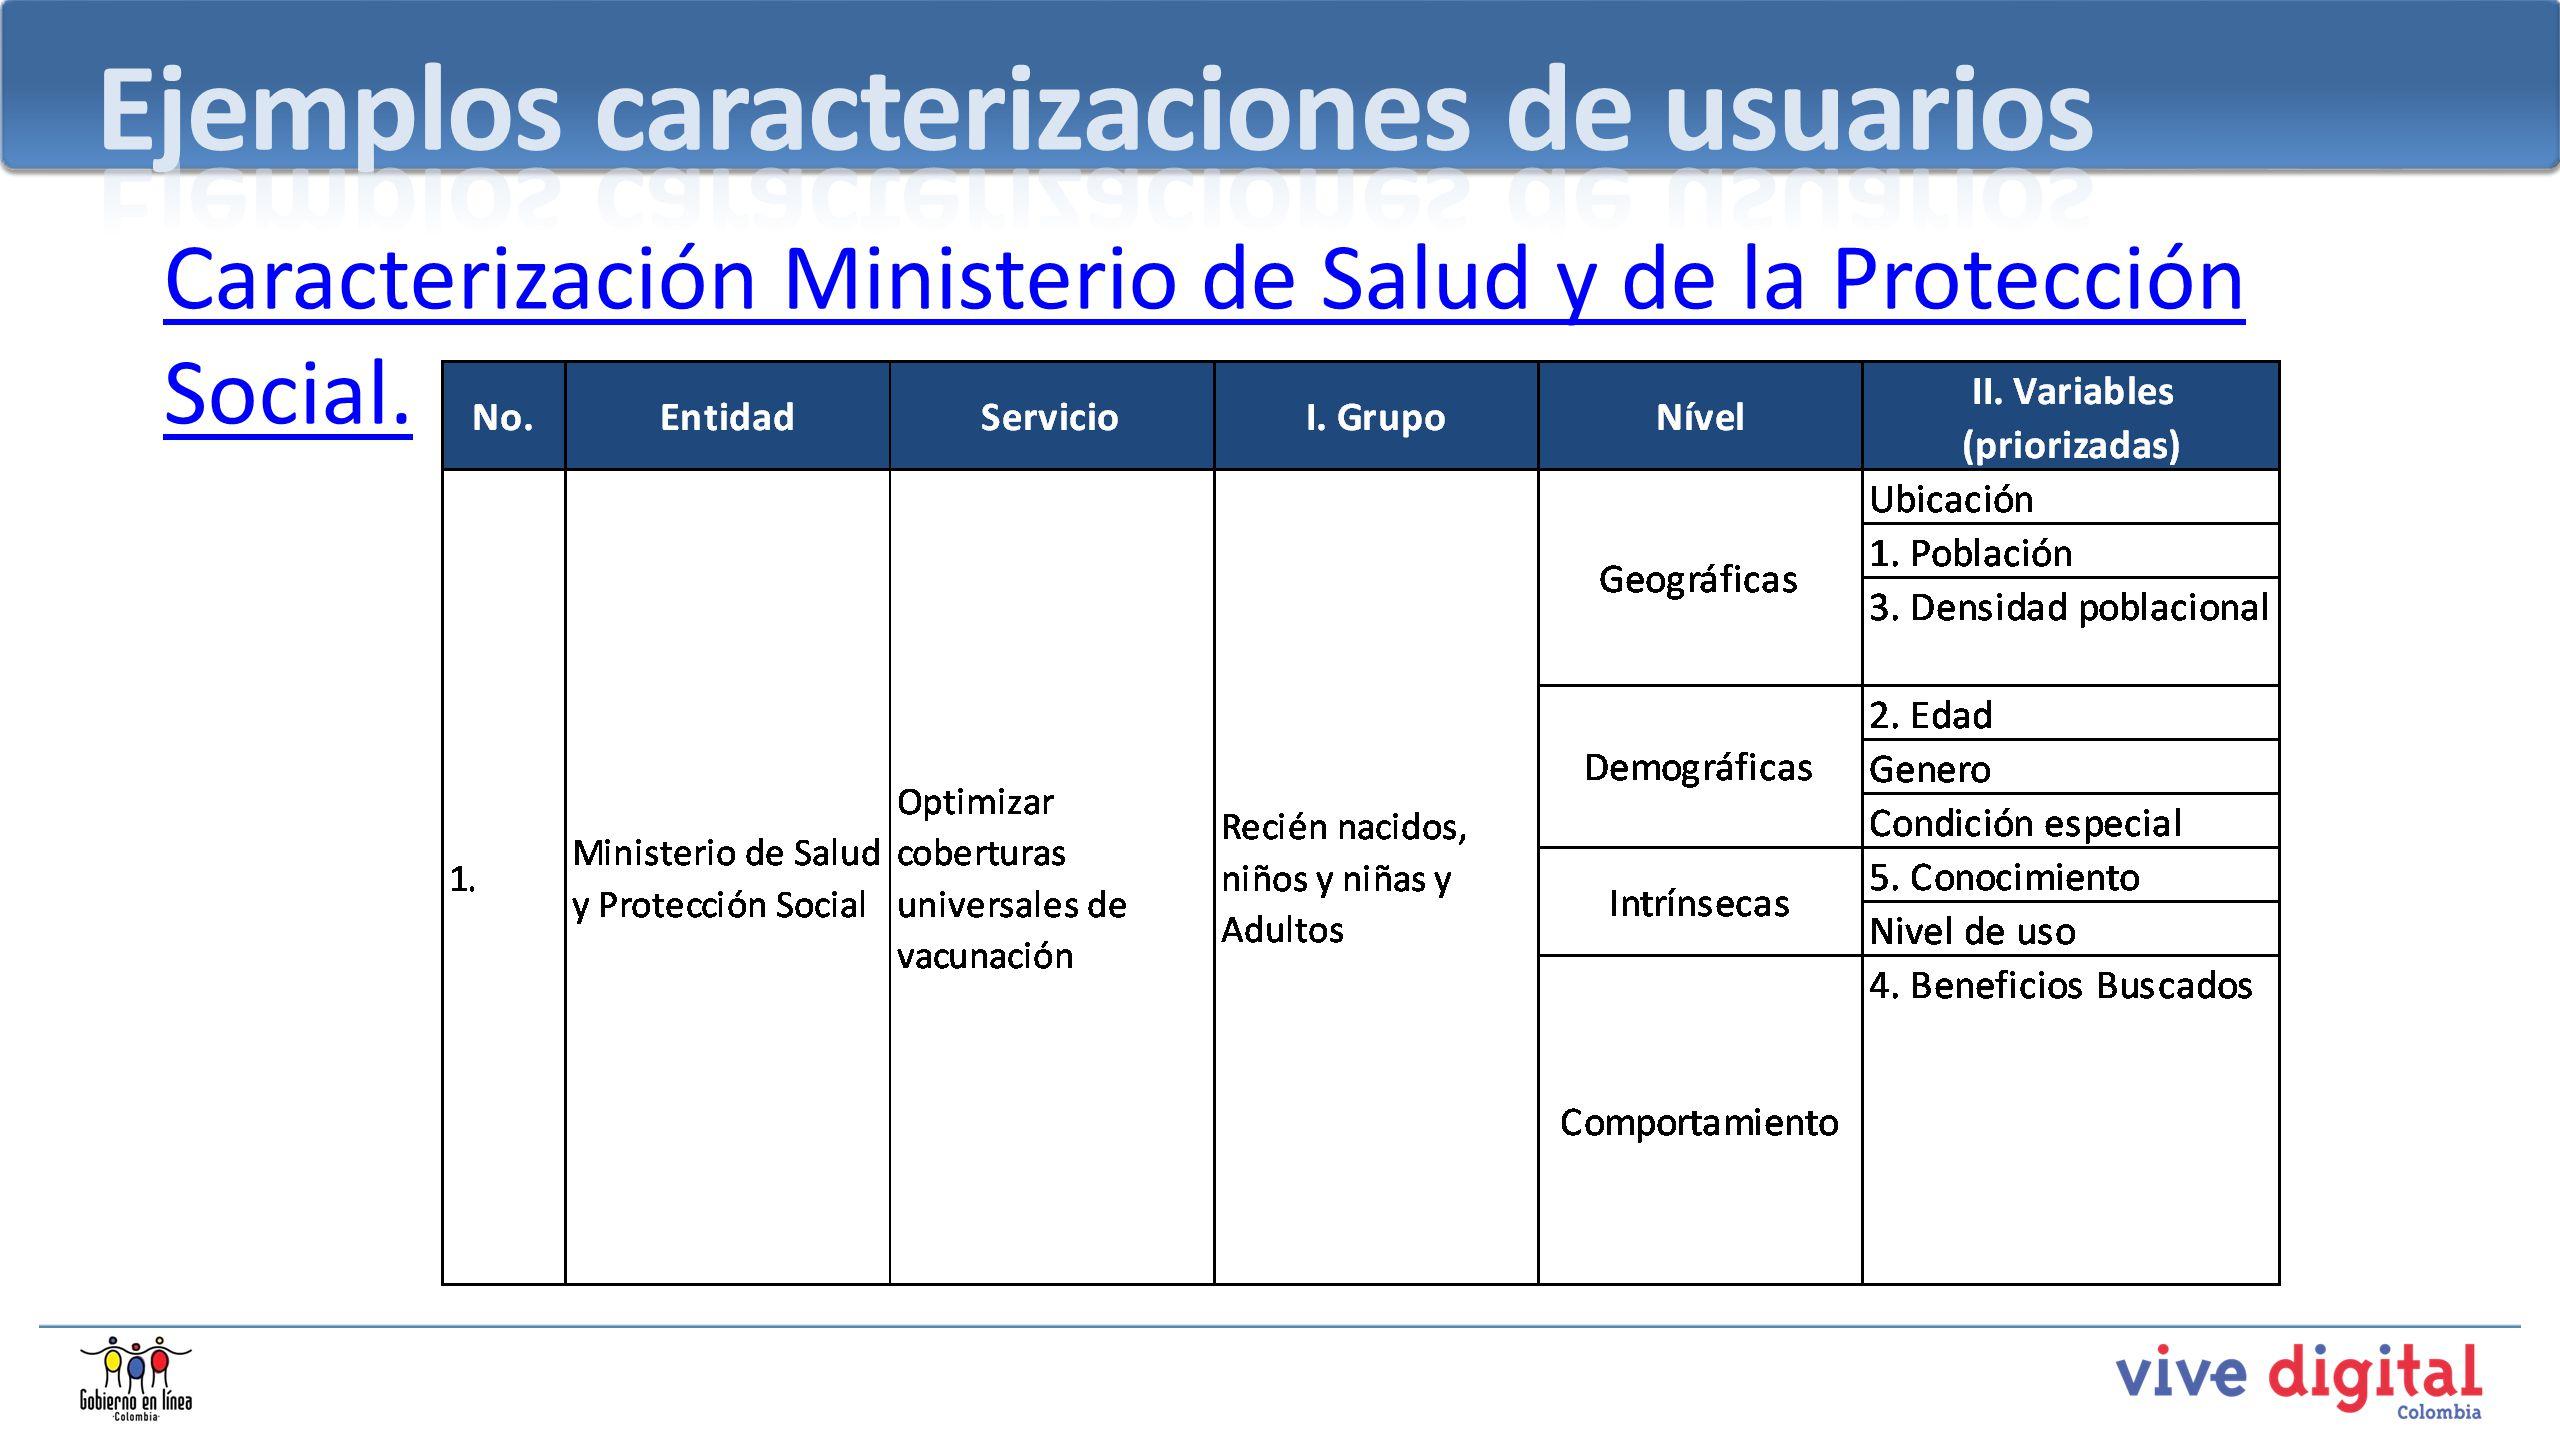 Caracterización Ministerio de Salud y de la Protección Social.